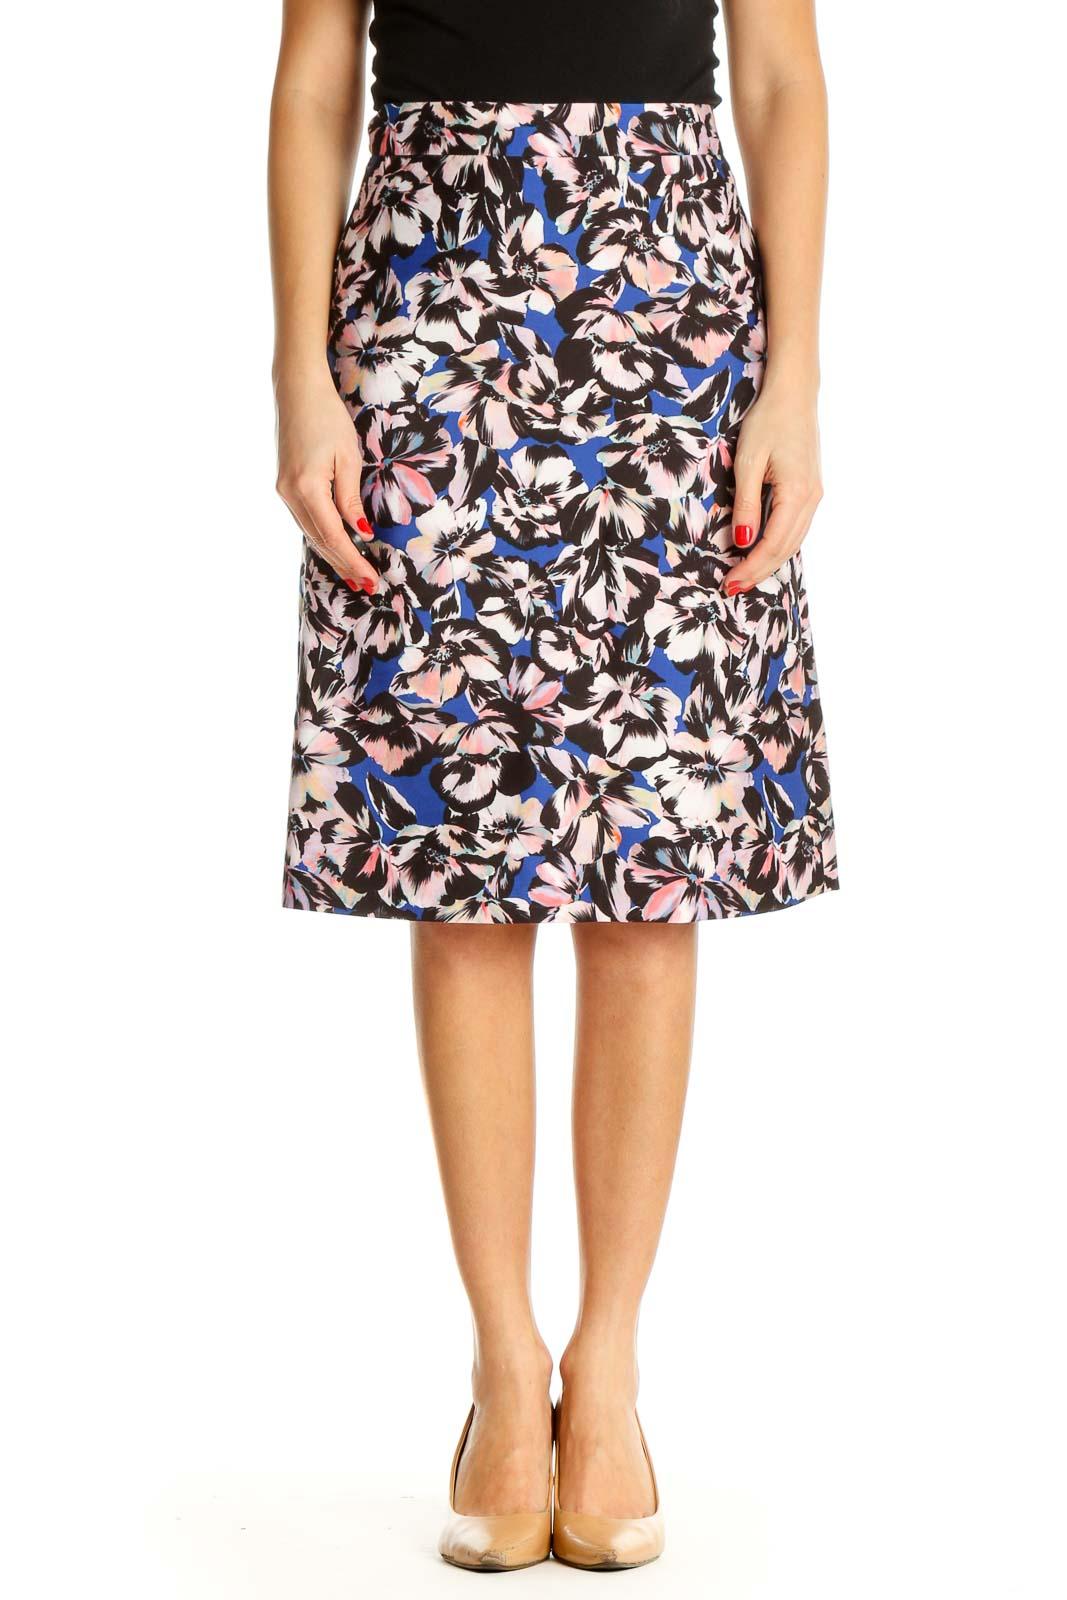 Brown Floral Print Brunch A-Line Skirt Front